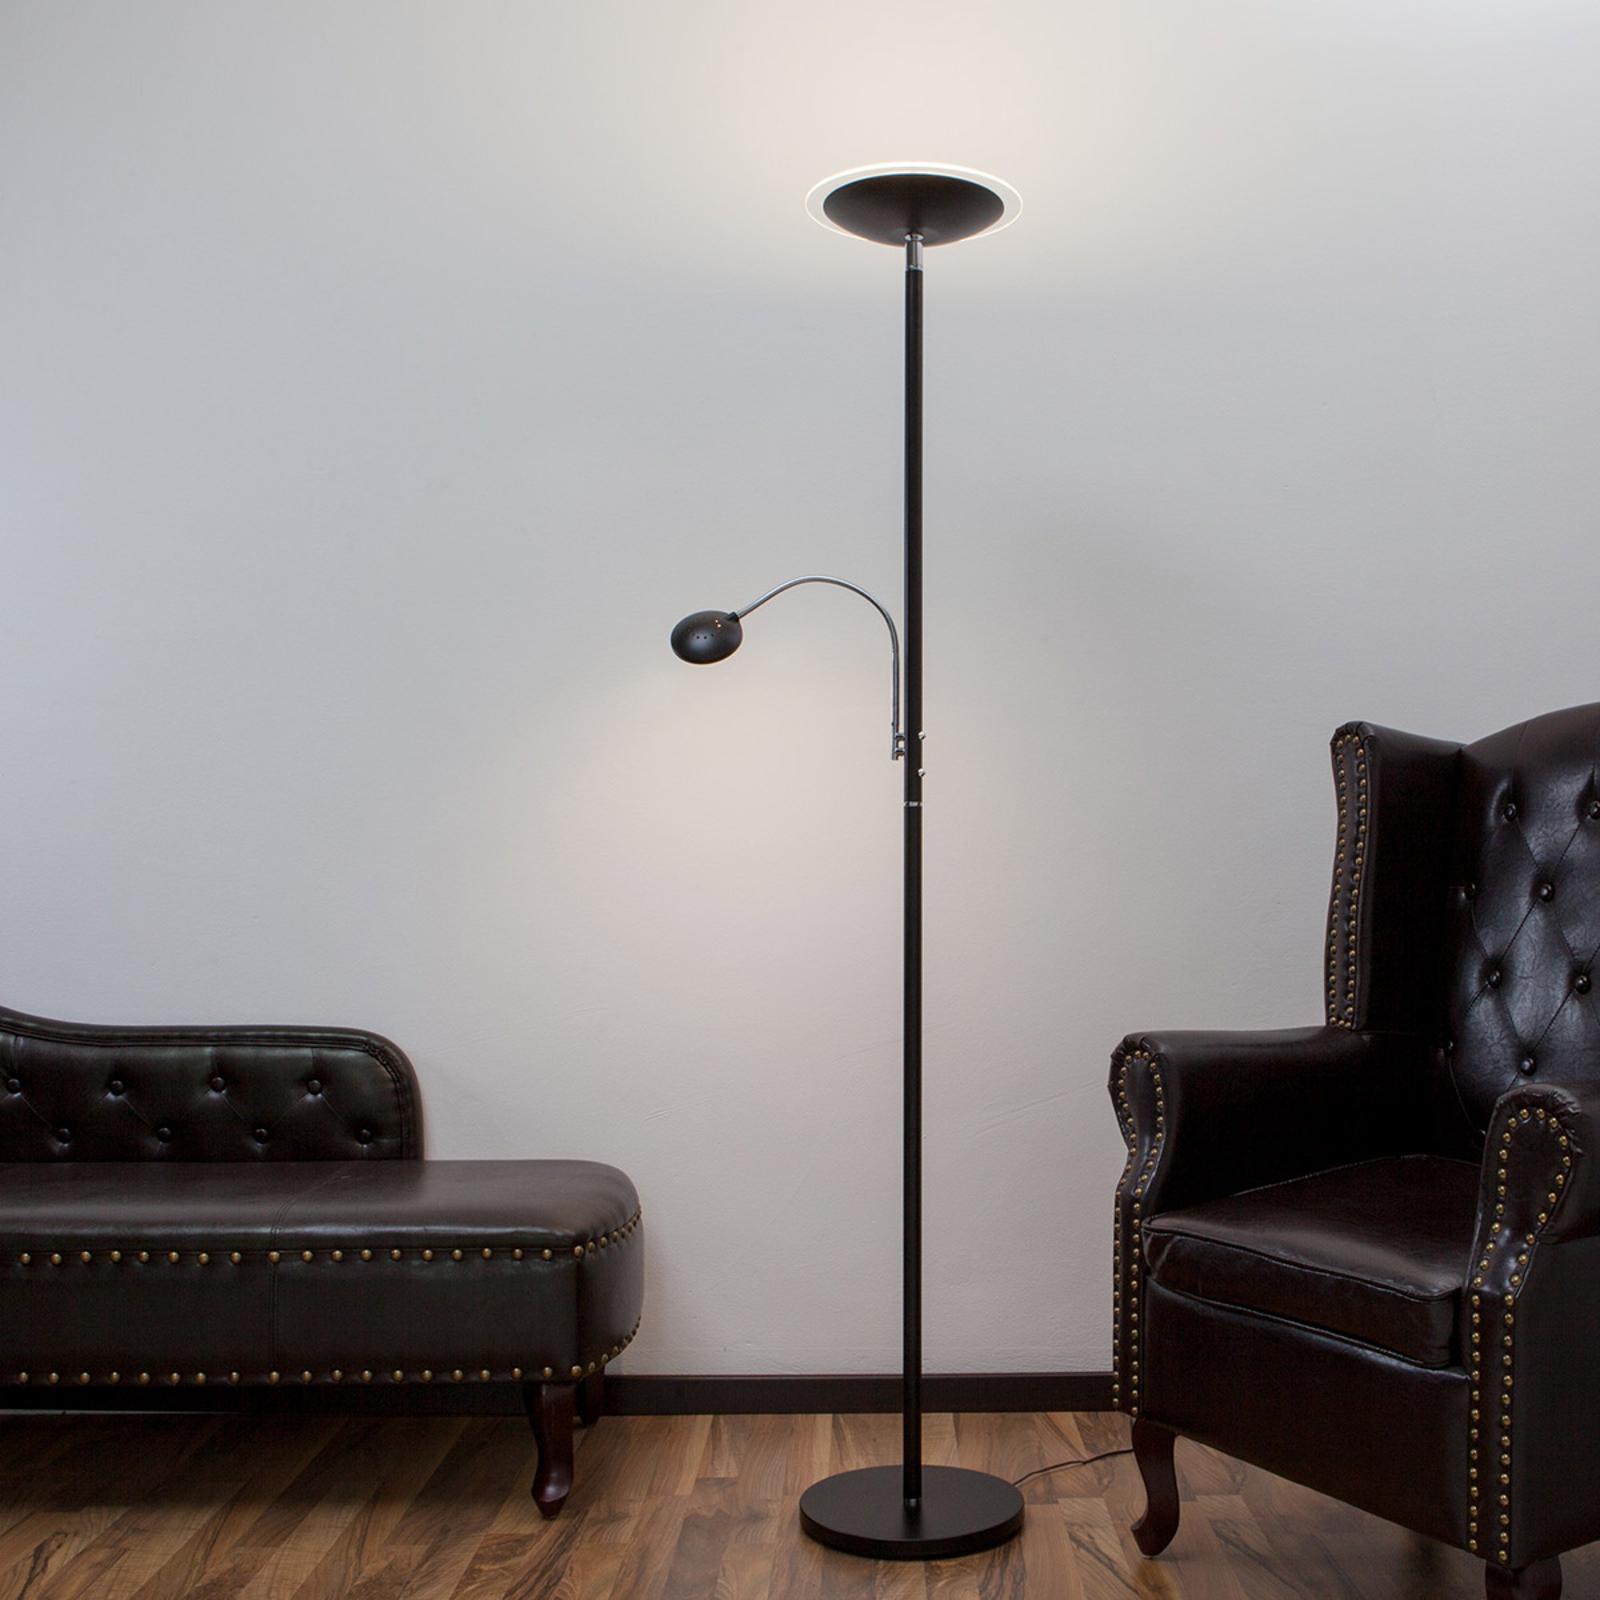 LED-lattiavalaisin Malea, lukuvarsi, musta